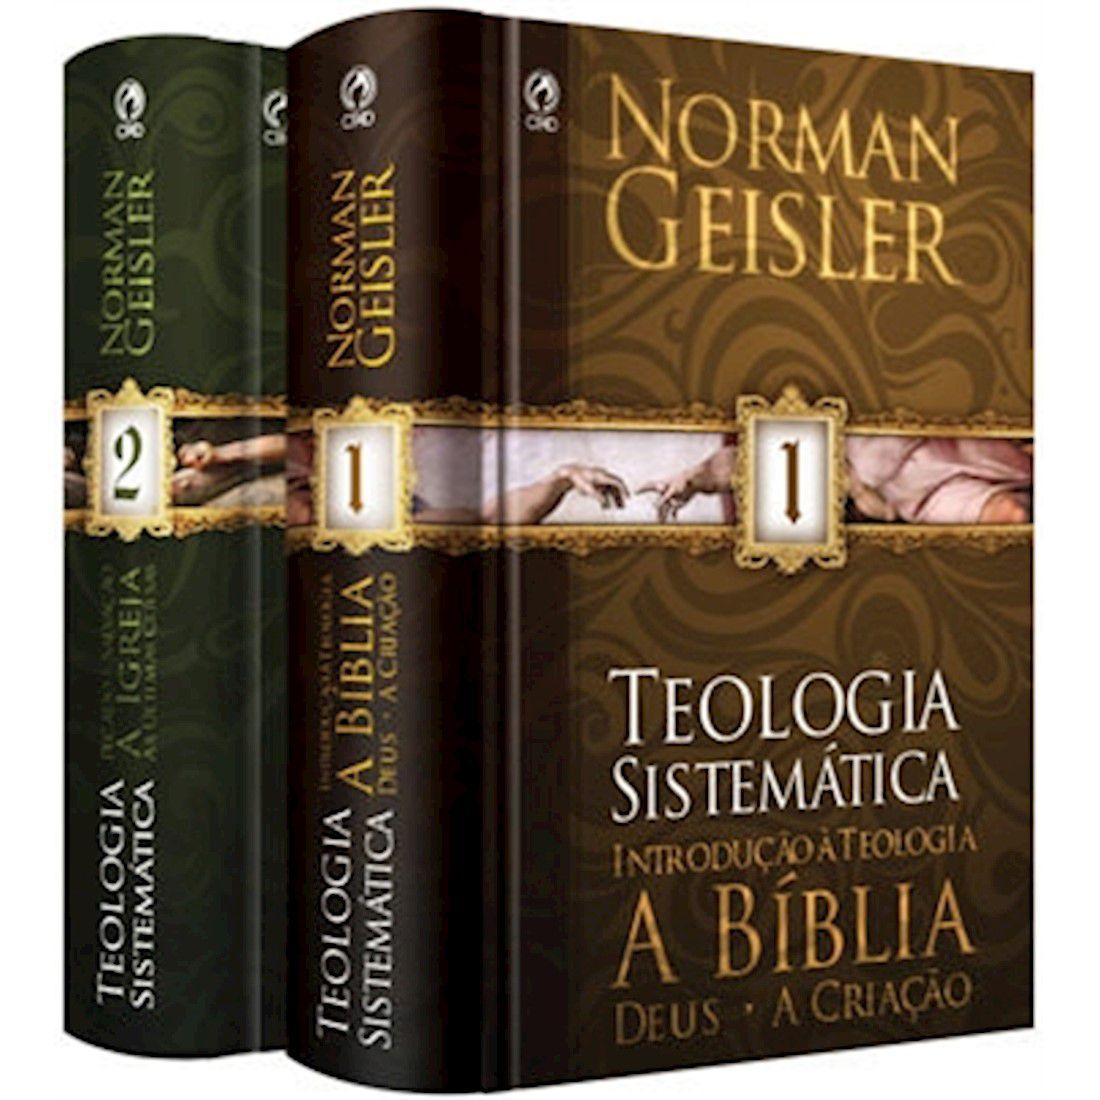 Livro Teologia Sistemática de Norman Geisler